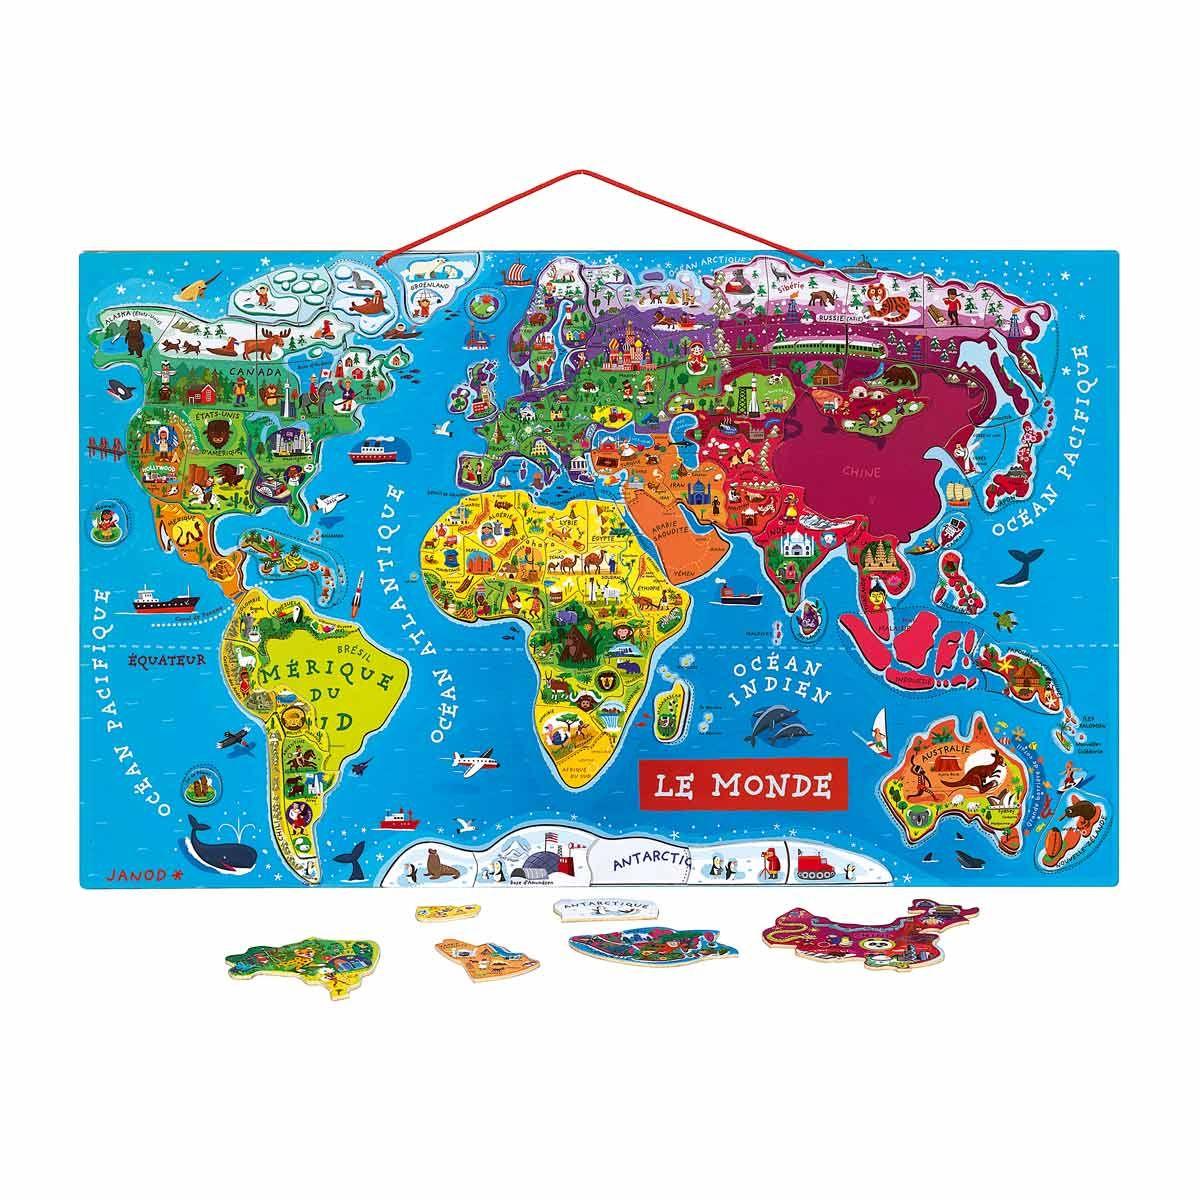 Carte Monde Magnétique Janod Pour Enfant Dès 6 Ans - Oxybul avec Carte Du Monde Enfant